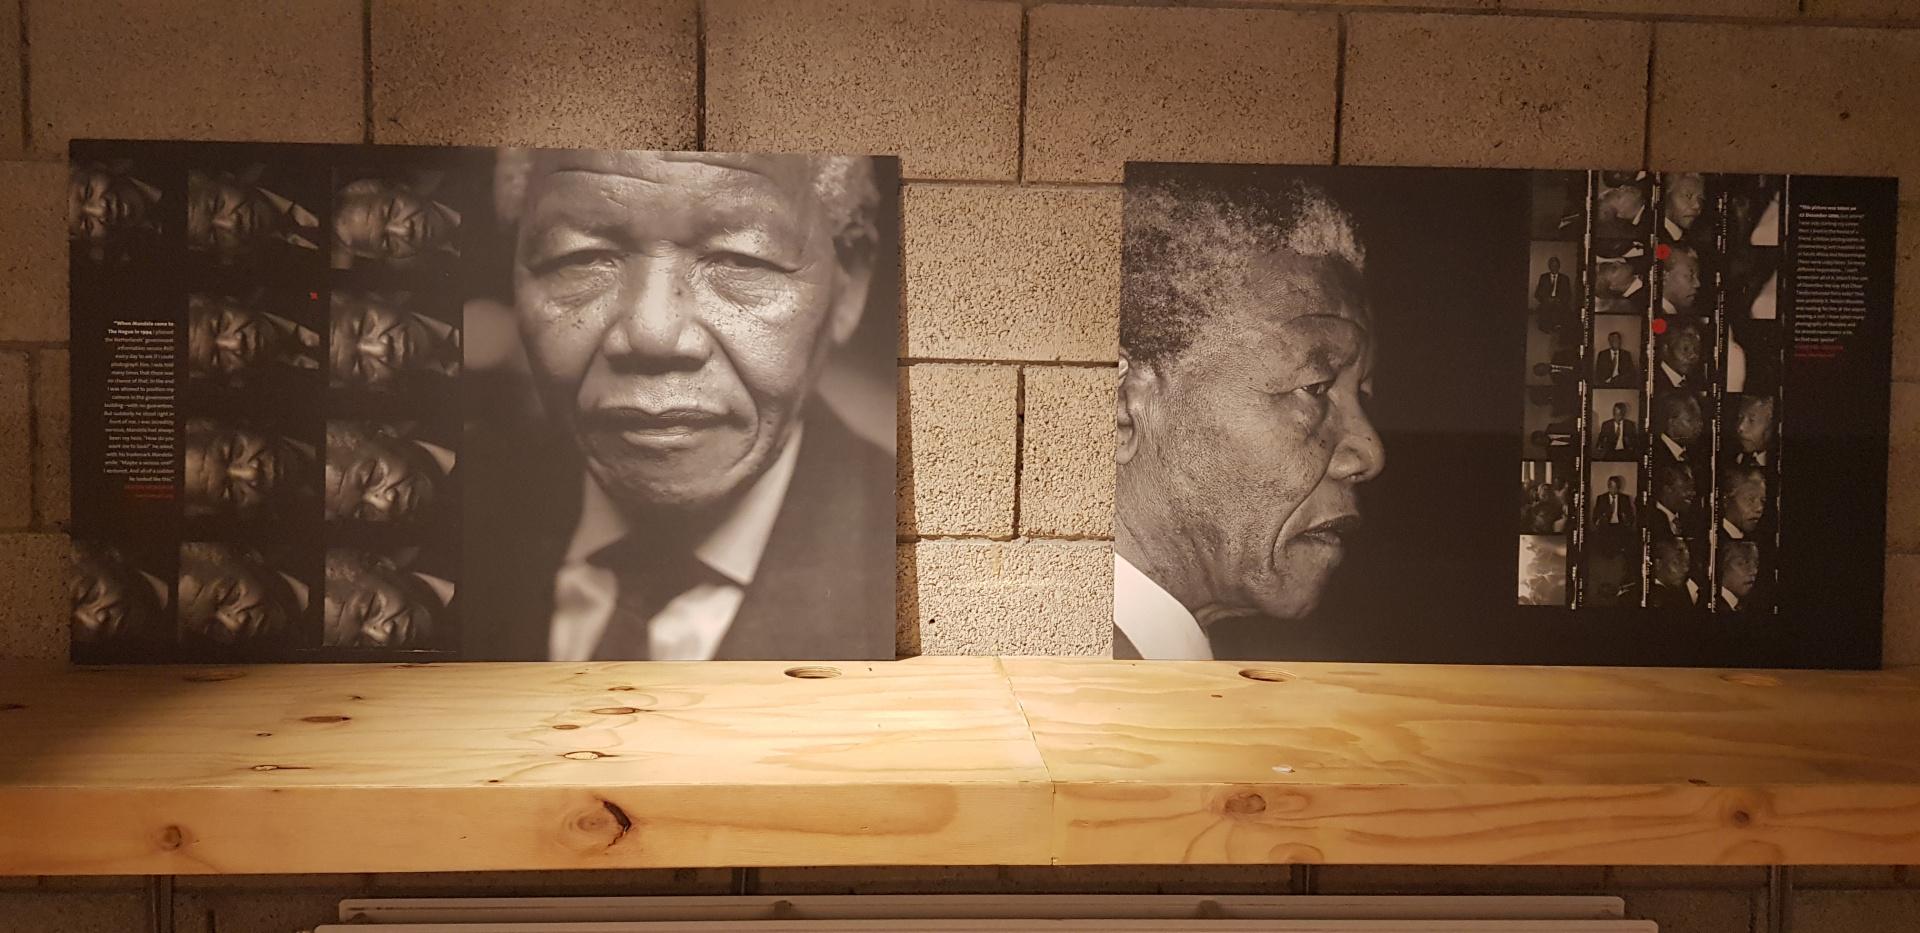 Foto van een muur waar twee foto's hangen waarop Nelson Mandela te zien is. Op de linkerfoto zie je aan de linkerkant 2 kolommen met kleine foto's van Nelson Mandela en aan de rechterkant is Nelson Mandela in pak te zien. Op de rechterfoto is het precies andersom: aan de linkerkant zie je het rechter-zijprofiel van Nelson Mandela met daarnaast 2 kolommen kleine foto's.